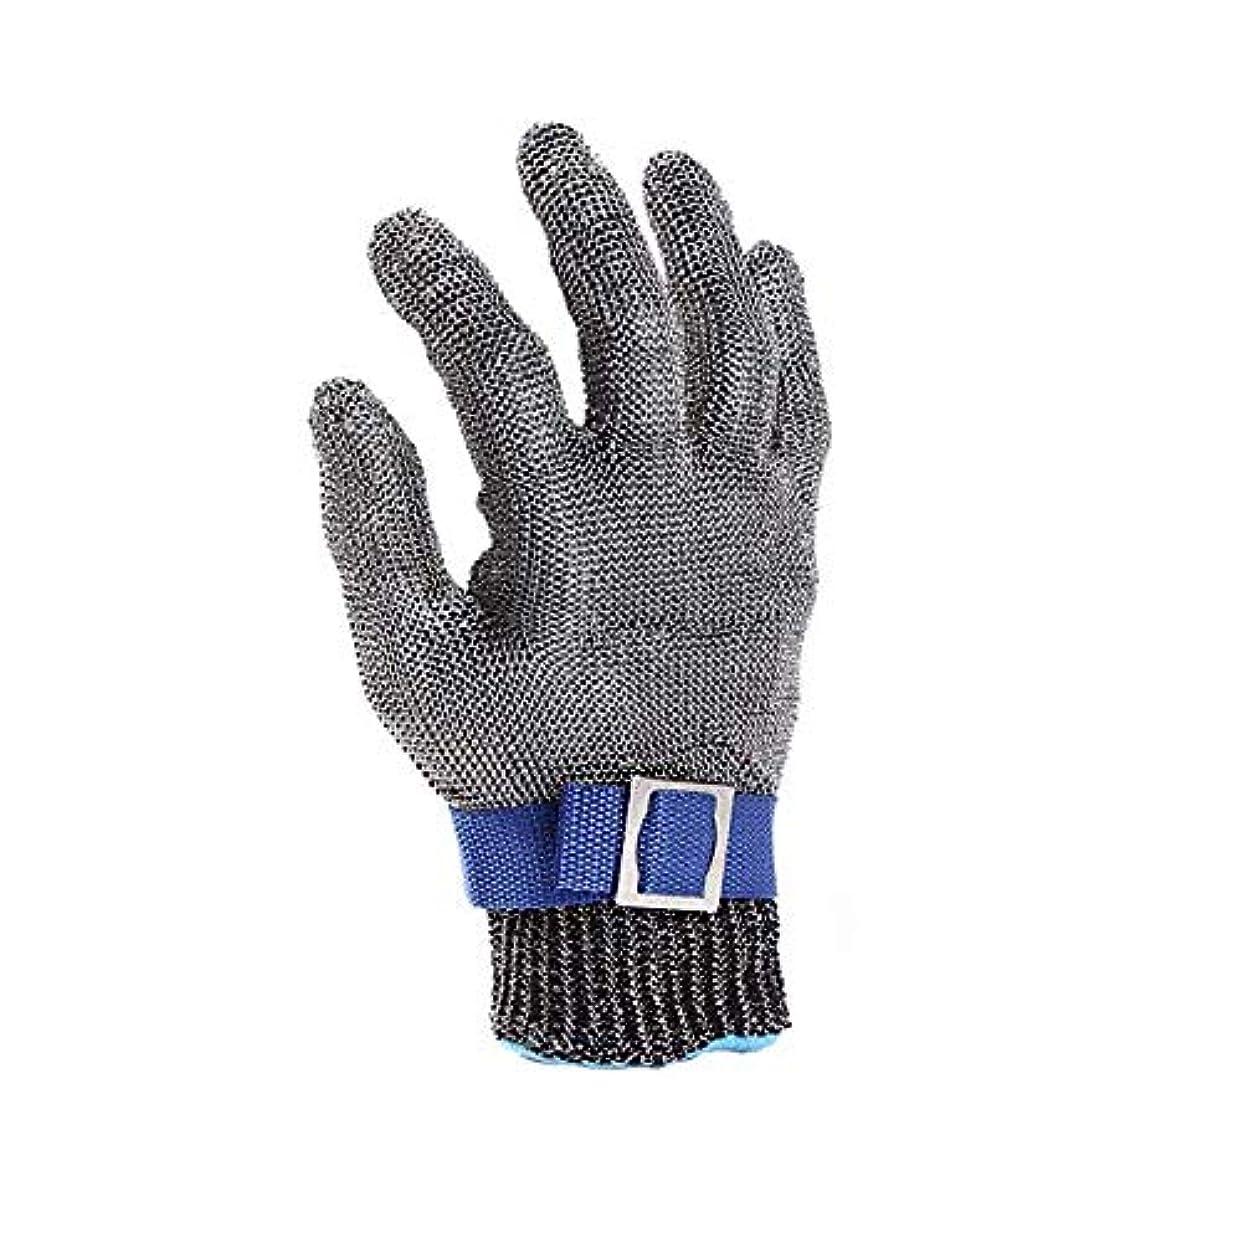 祝う寛容ヒント食肉加工、釣り用のカット耐性の手袋、ステンレス鋼線メタルメッシュブッチャー安全作業手袋,XL